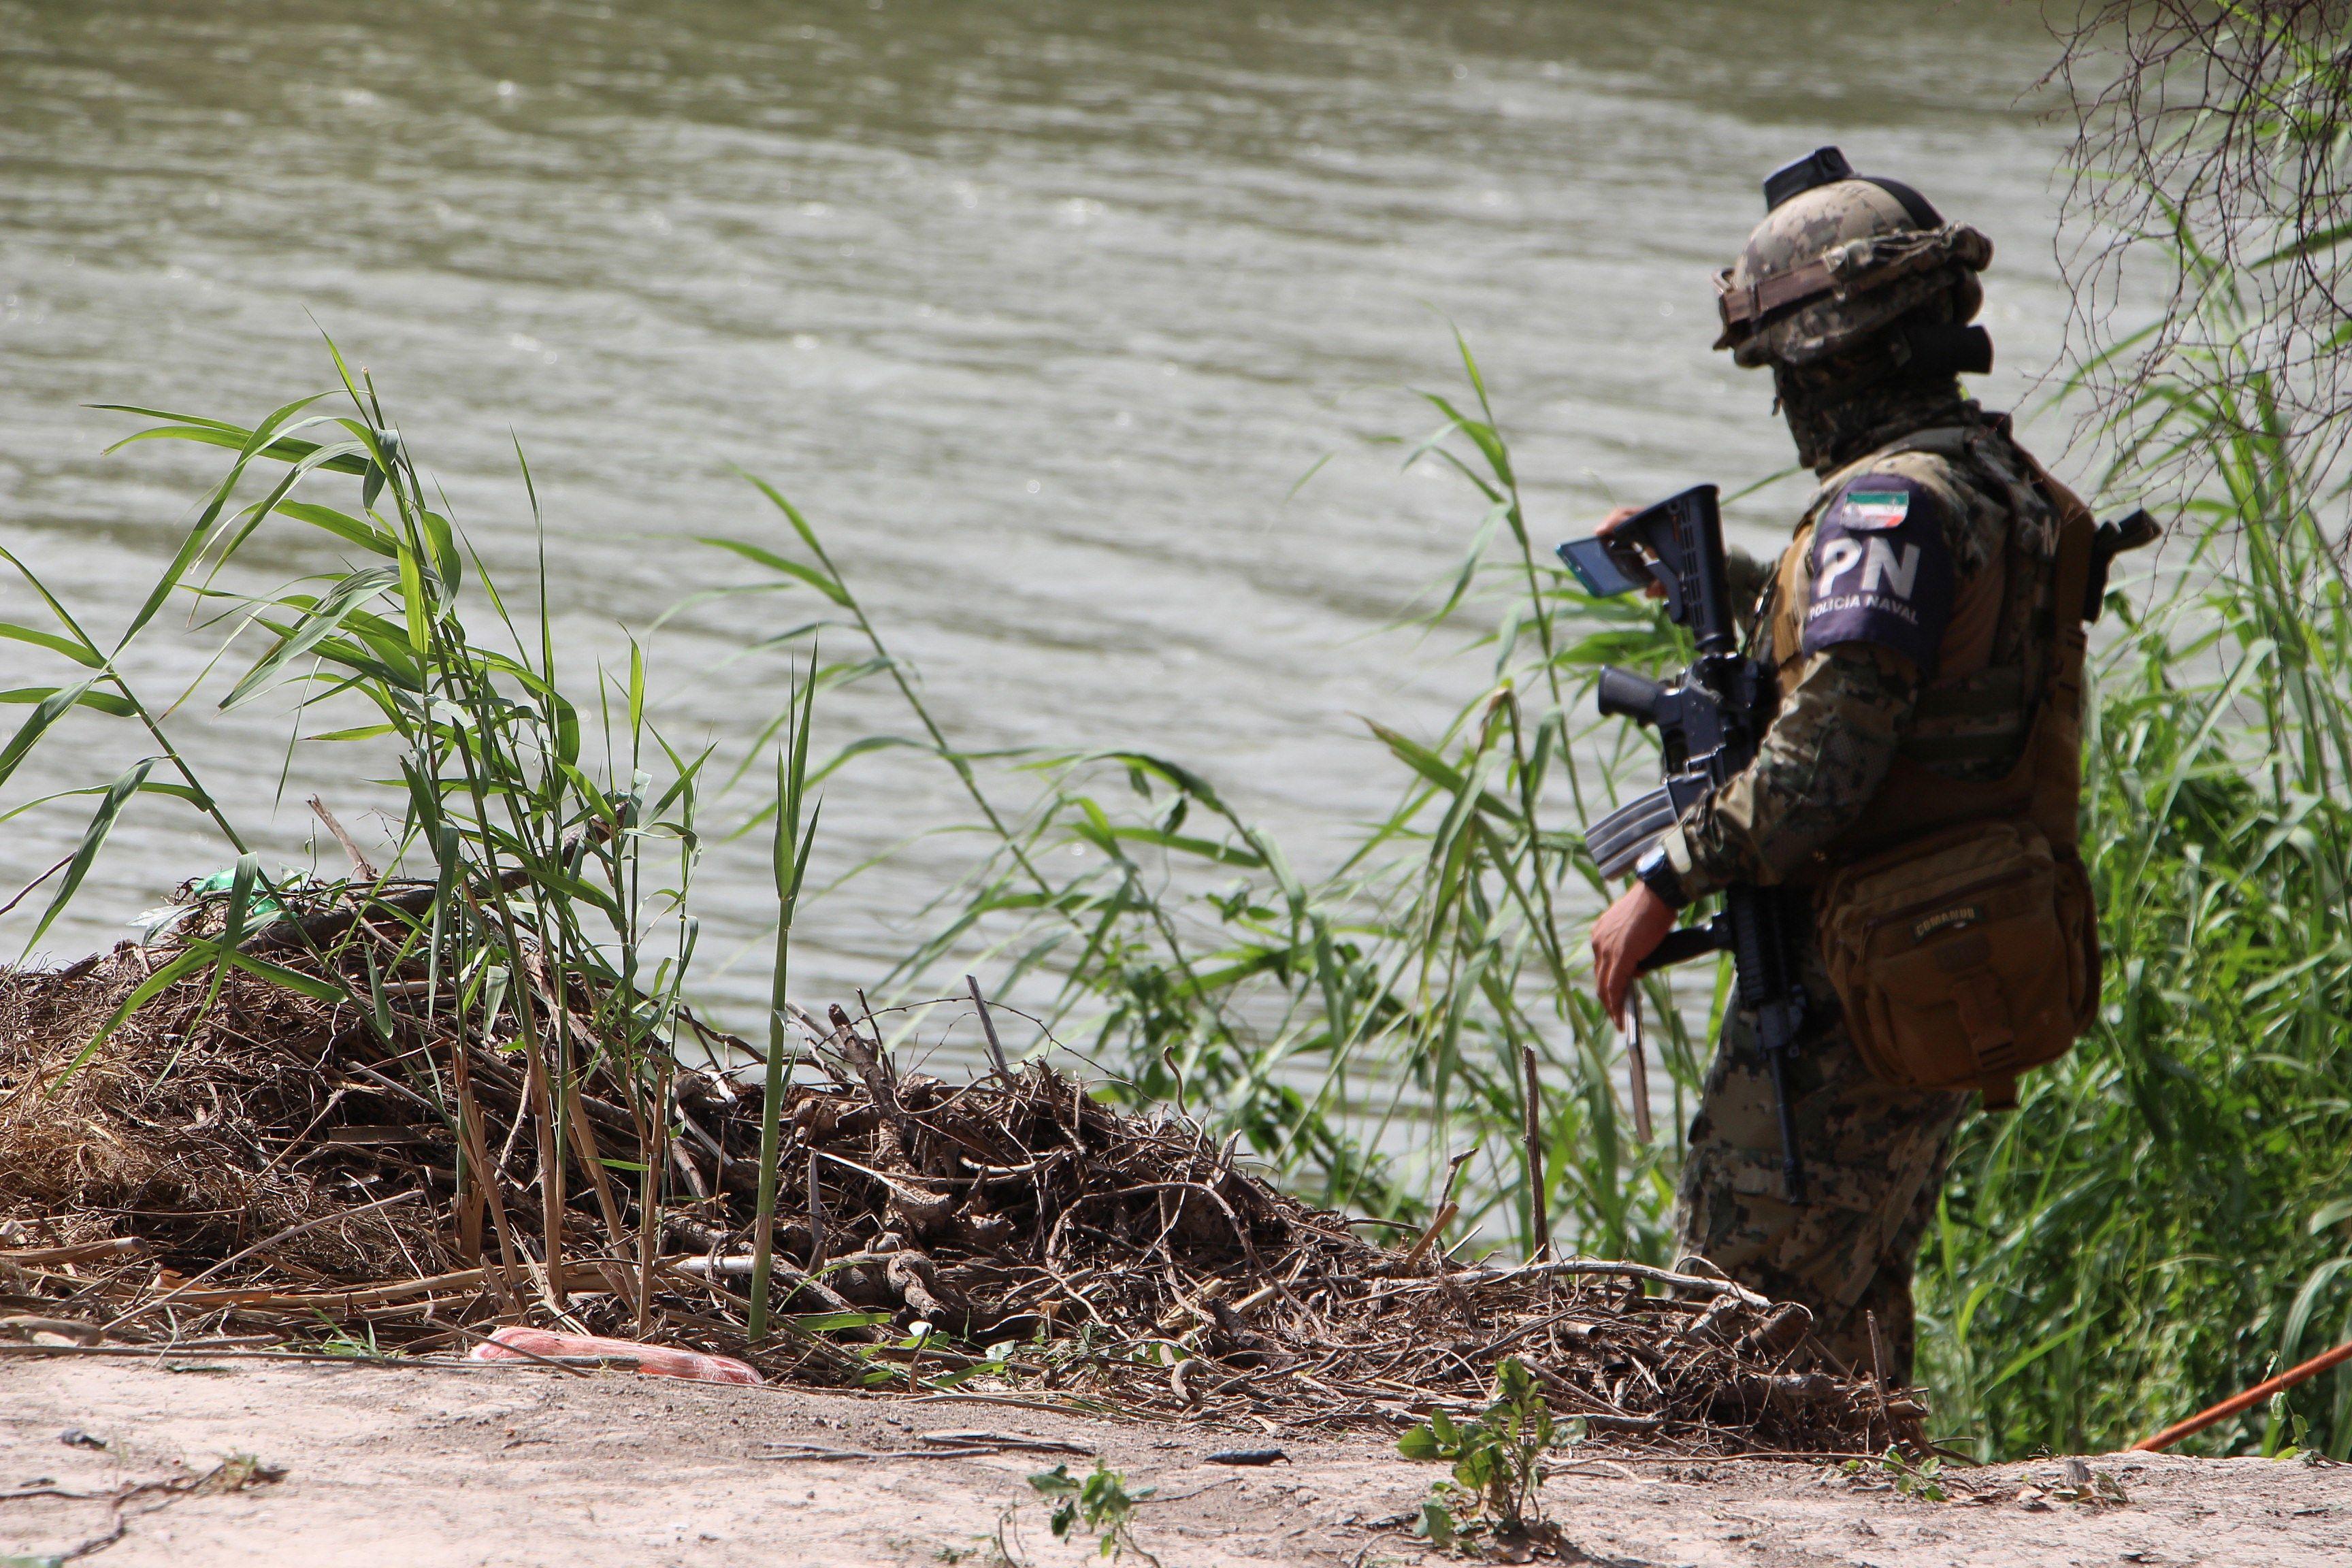 Miembro de la Policía mexicana patrulla la zona donde fueron hallados los cuerpos sin vida de un presunto migrante y su bebé a una orilla del Río Bravo en Matamoros, frontera con EE.UU., en Tamaulipas. Foto de EFE/ Abraham Pineda-Jácome.